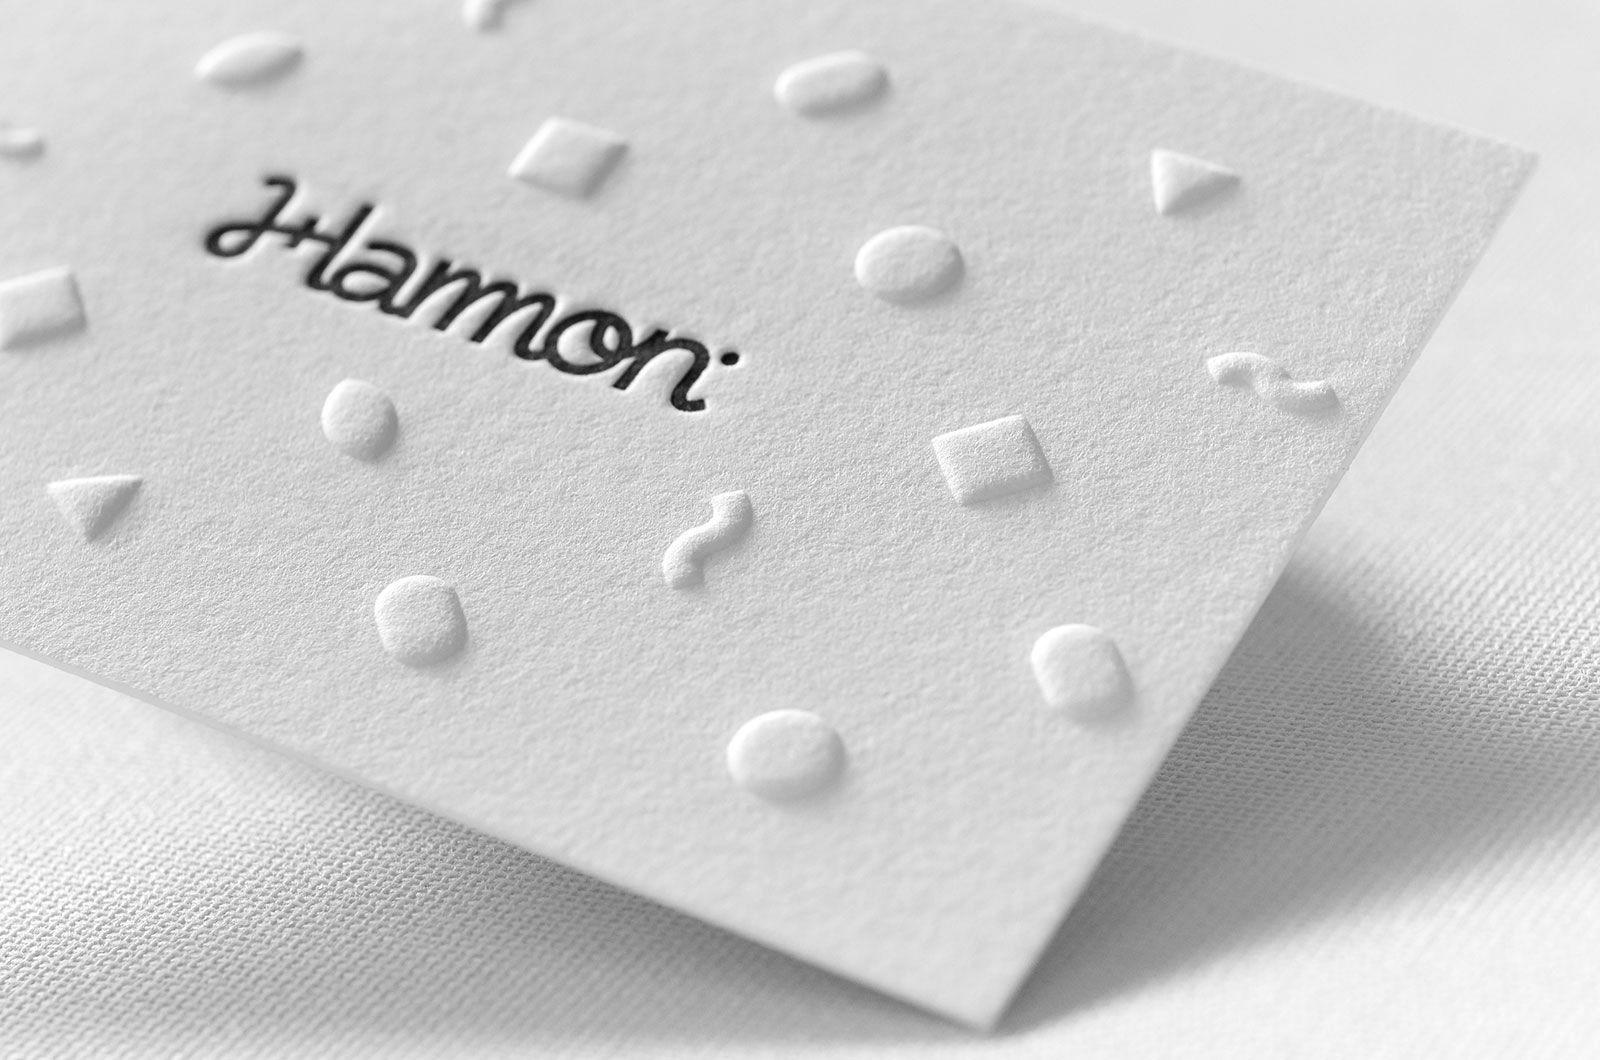 Stunning Embossed Letterpress Business Card | Letterpresses ...